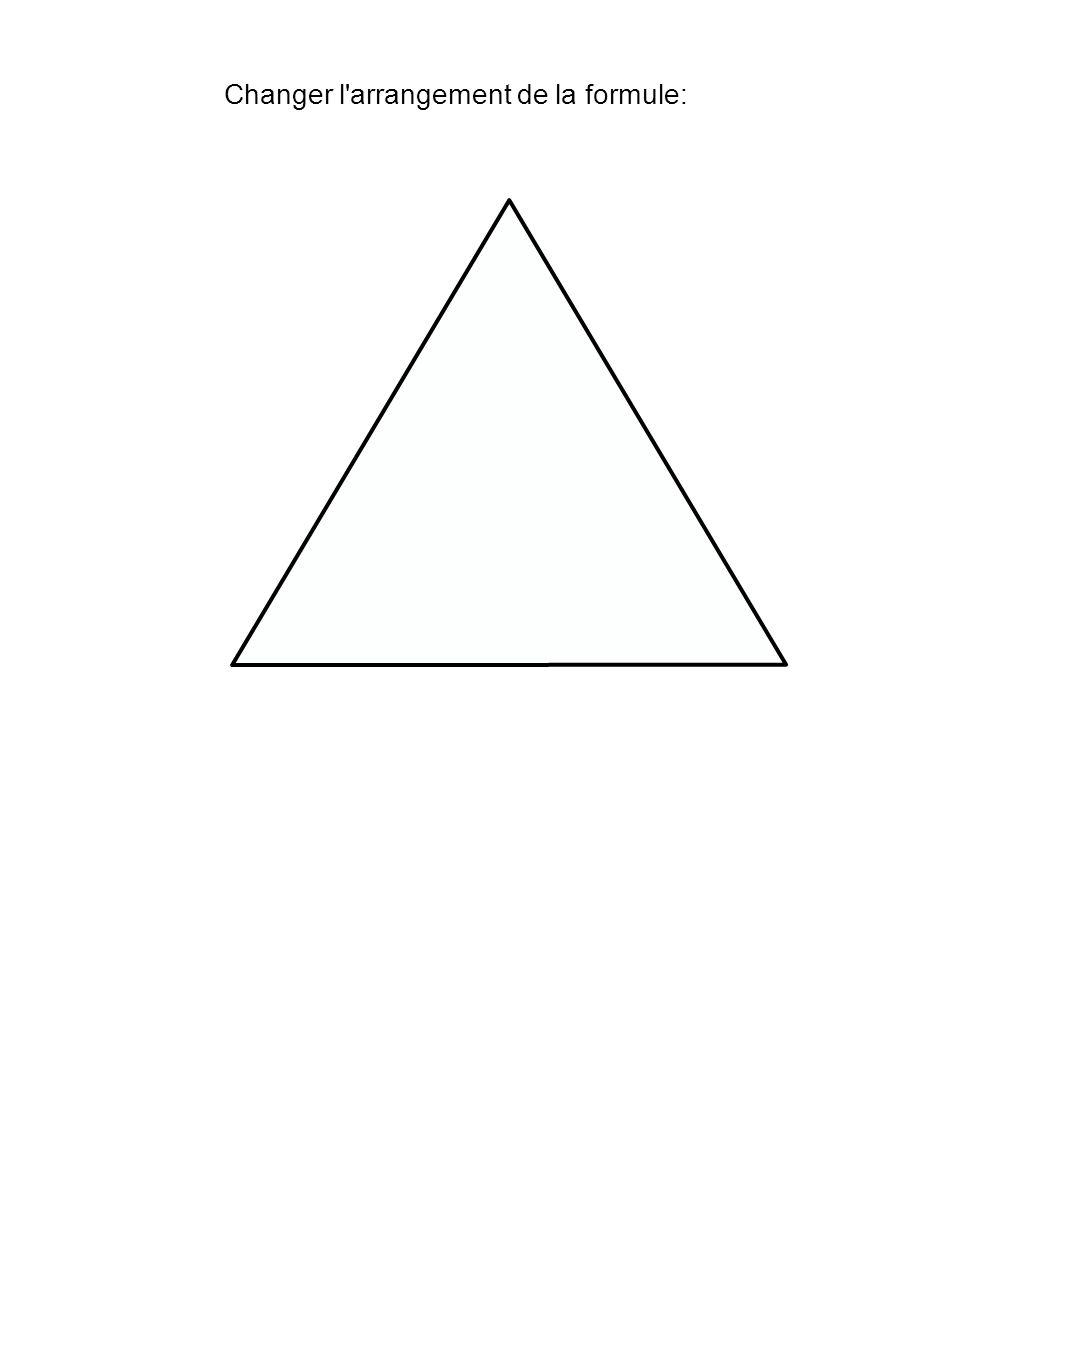 Changer l'arrangement de la formule: